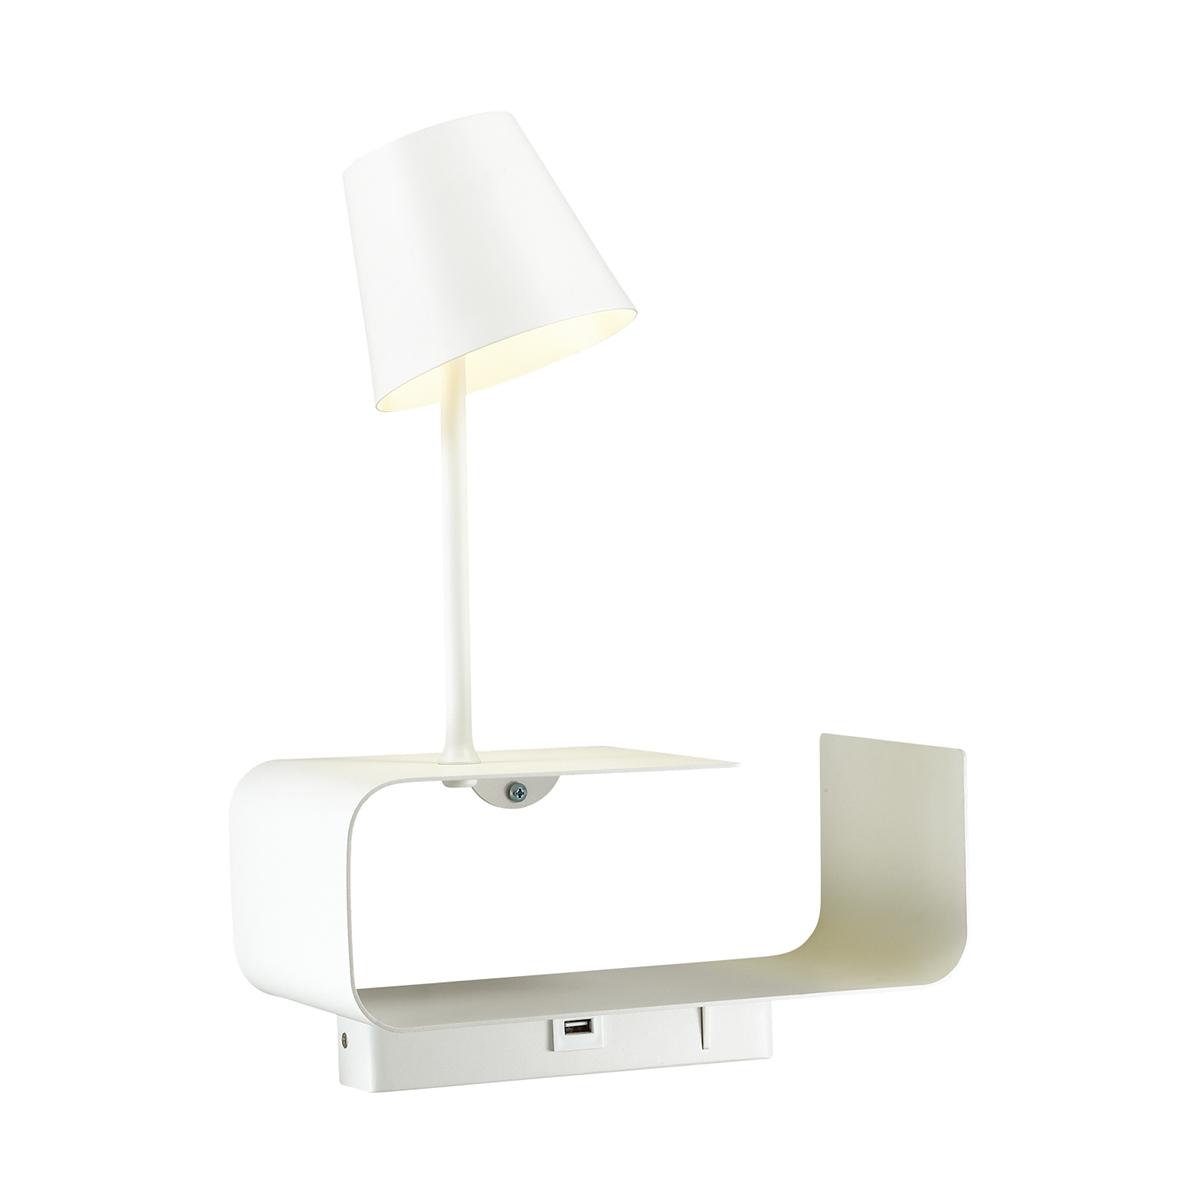 Светодиодное бра с регулировкой направления света с полкой Odeon Light Hightech Sven 4161/6WL, LED 6W 3000K 200lm, белый, металл - фото 1